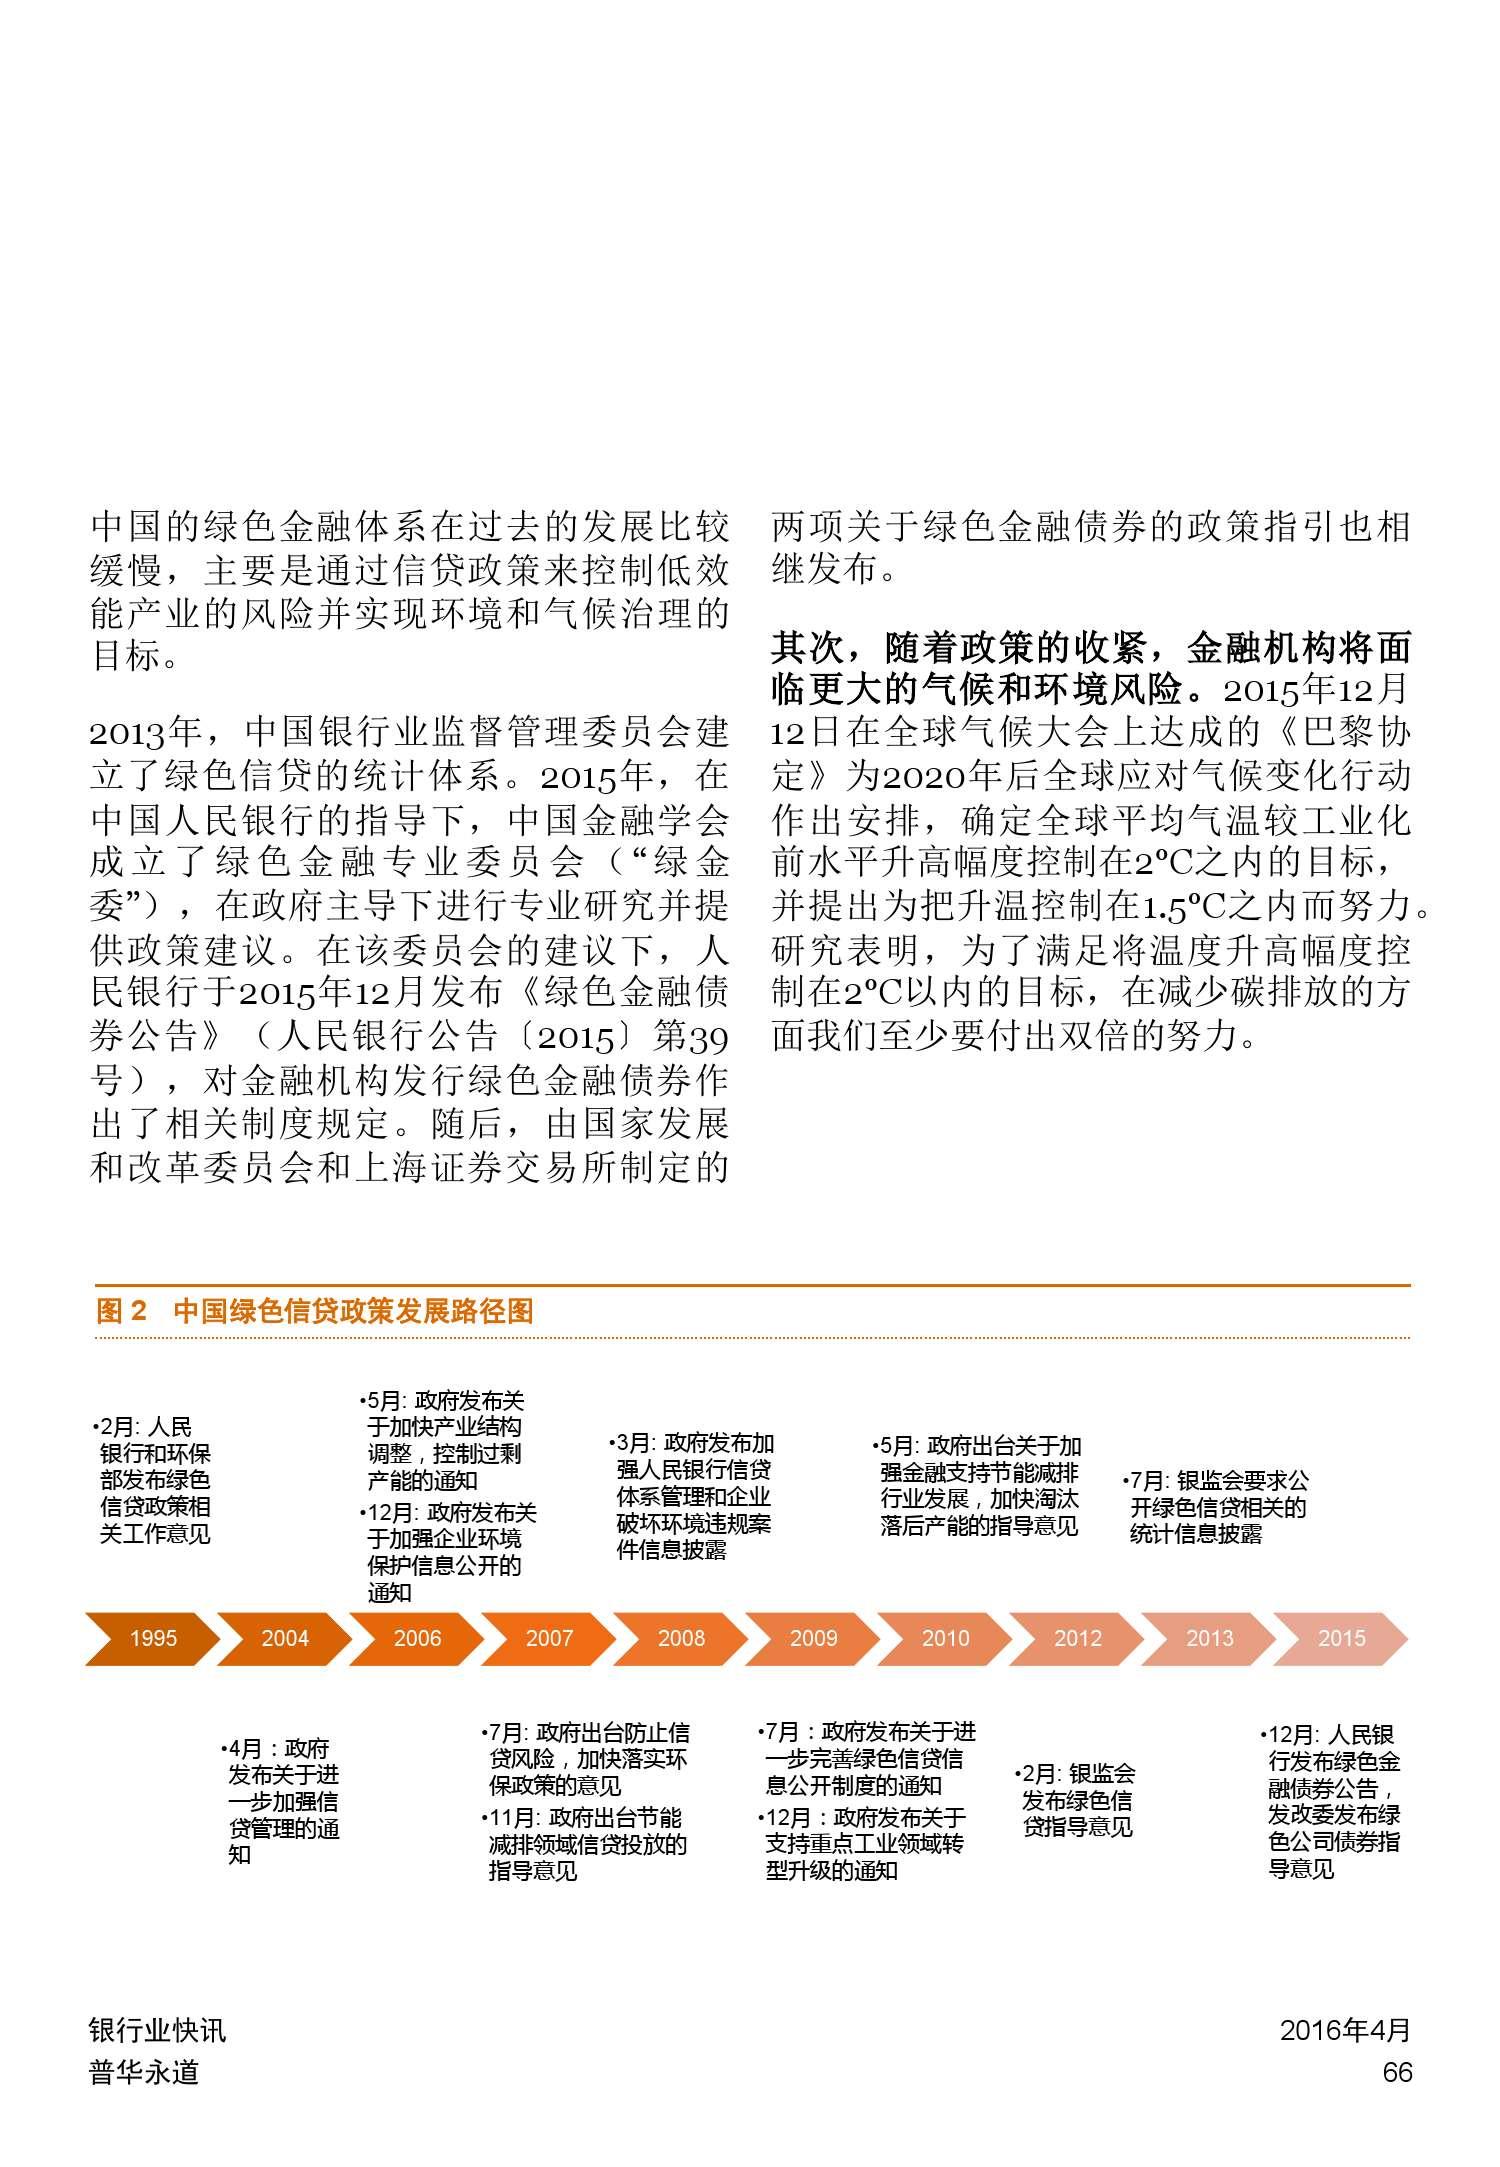 普华永道:2015年中国银行业回顾与展望_000066